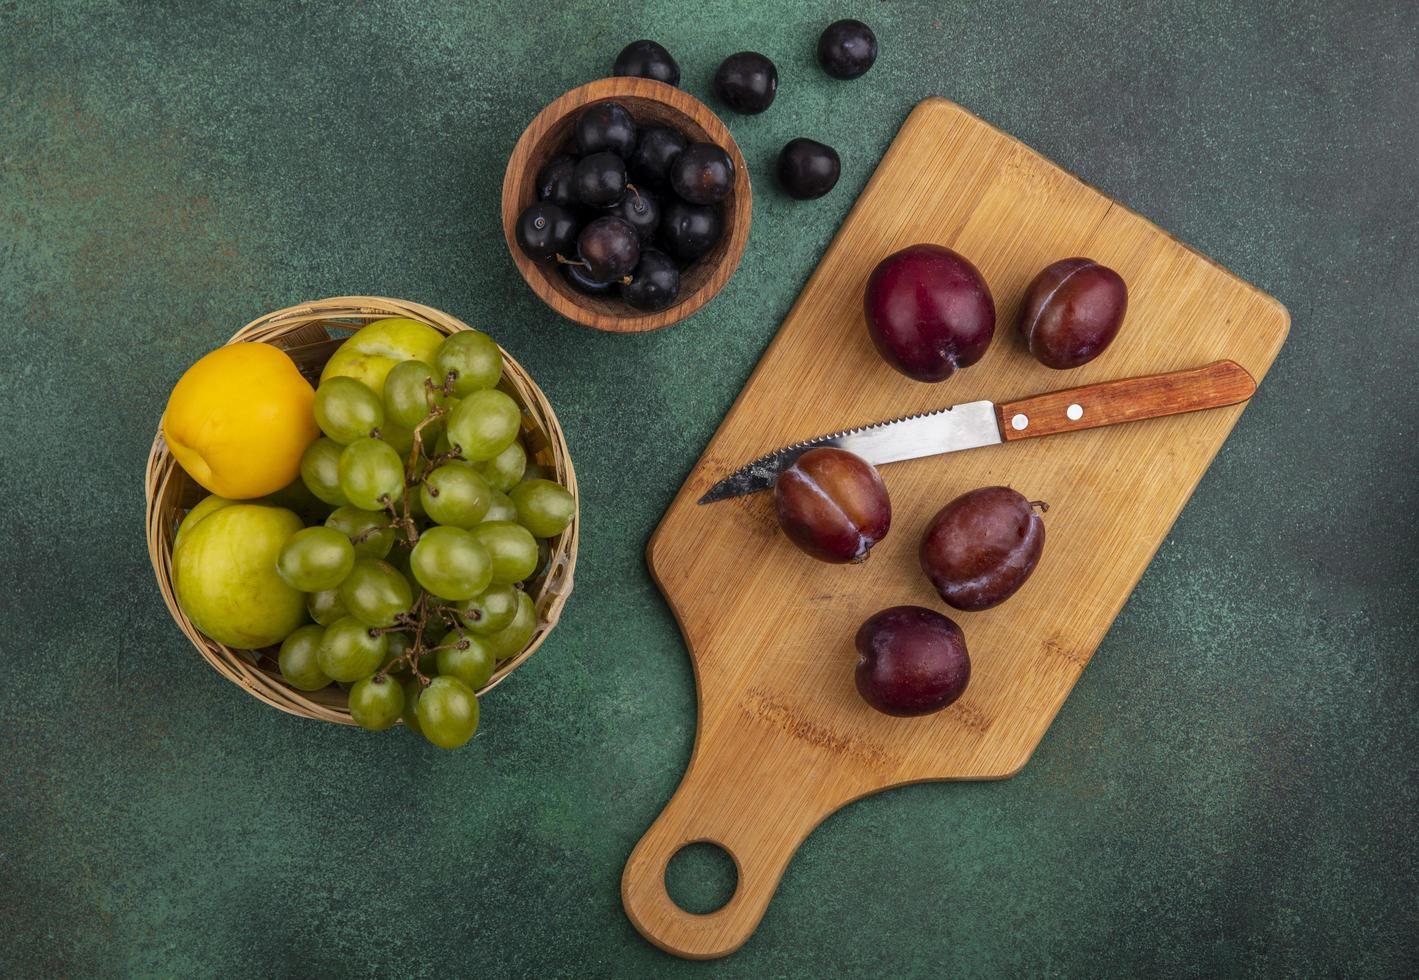 Surtido de frutas en la tabla de cortar sobre fondo verde foto